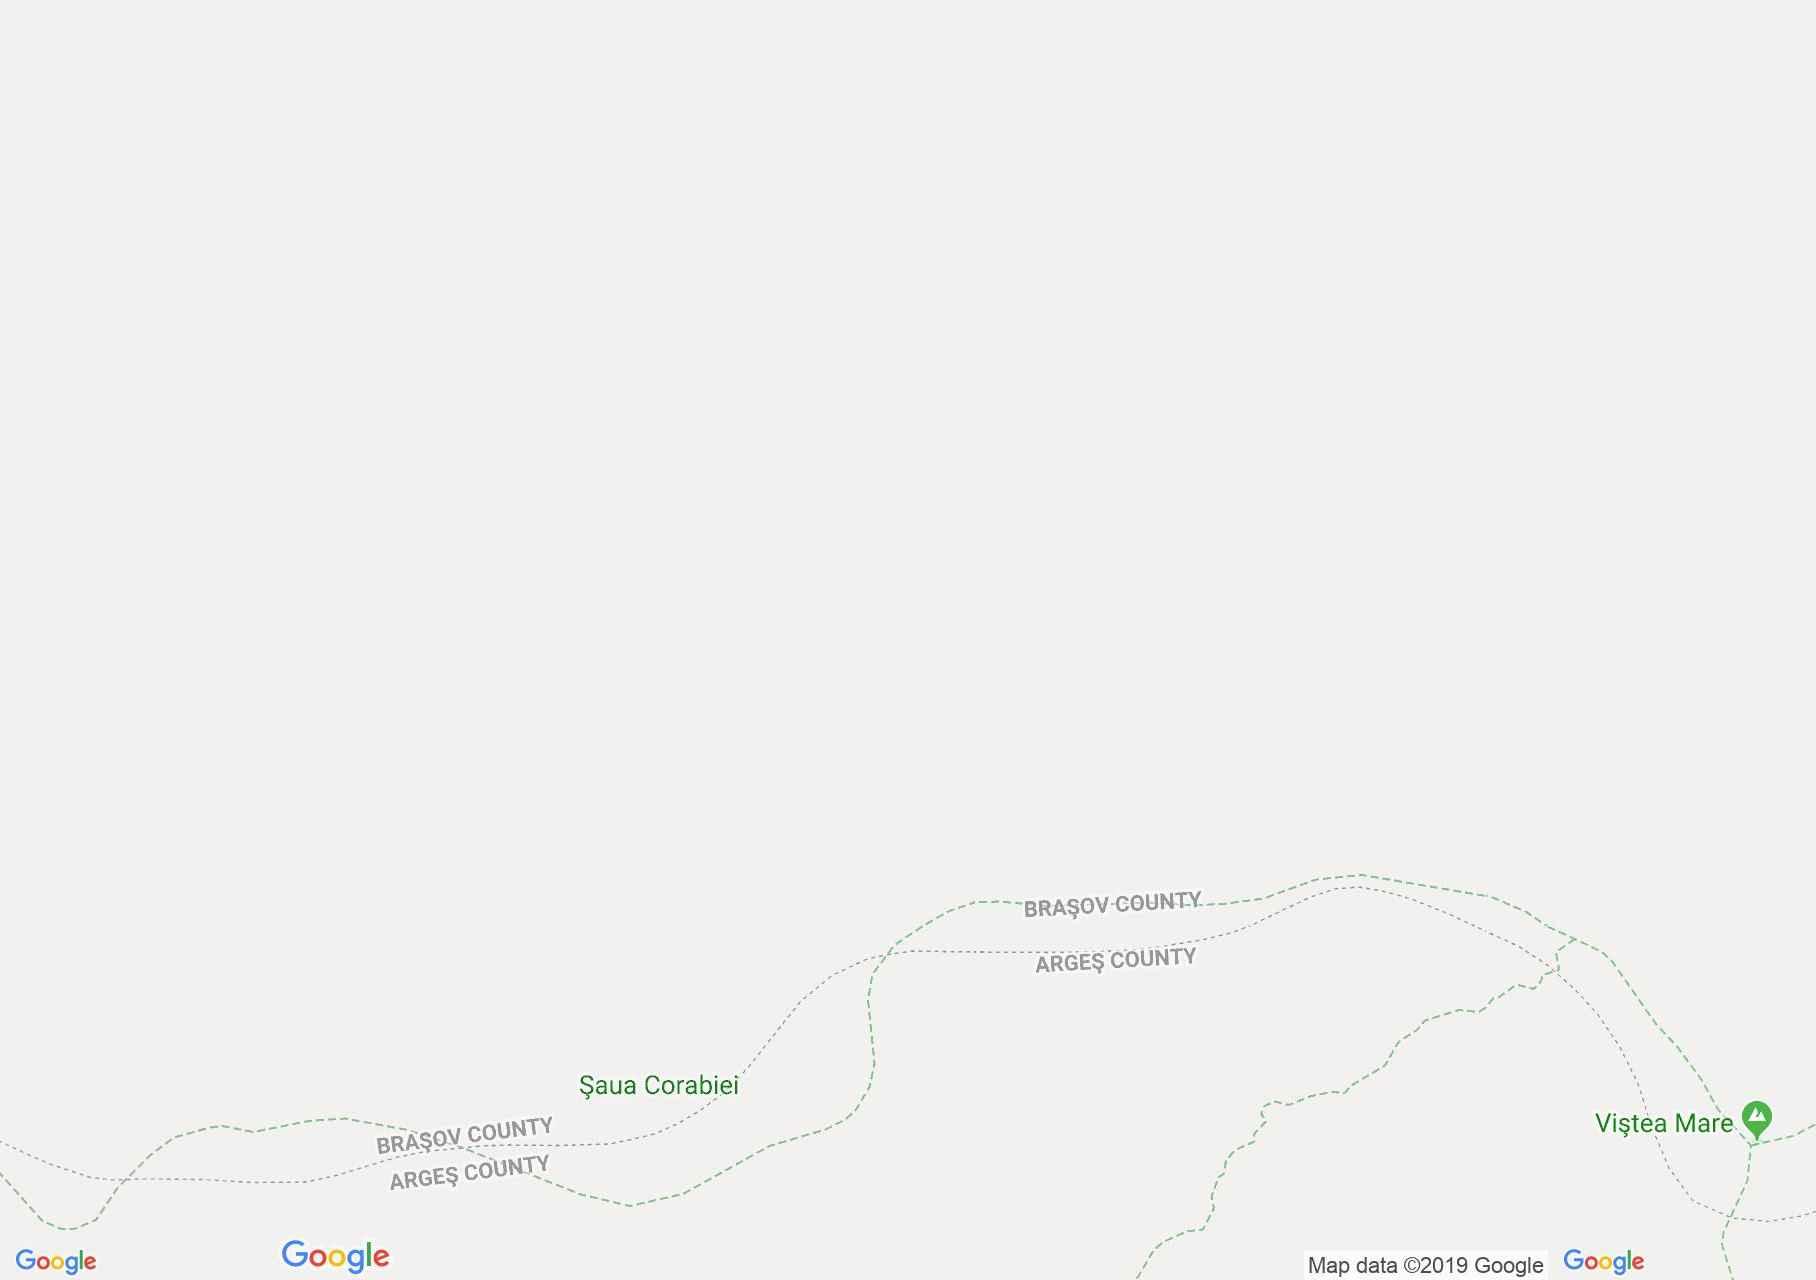 Map of Făgăraş mountains: Fereastra Mare a Sâmbetei - Podragu saddle